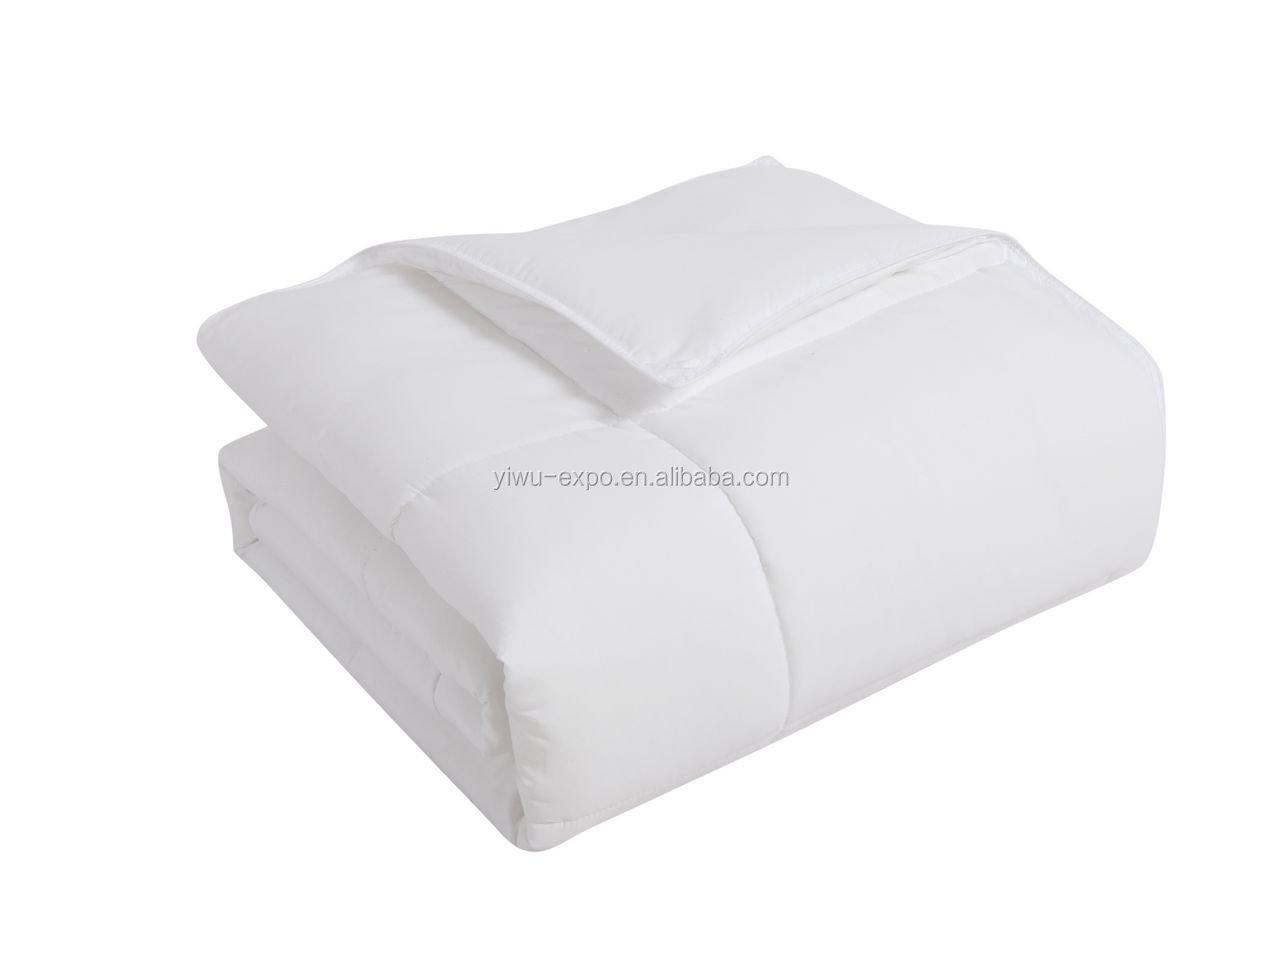 microfiber filling white duvet for home